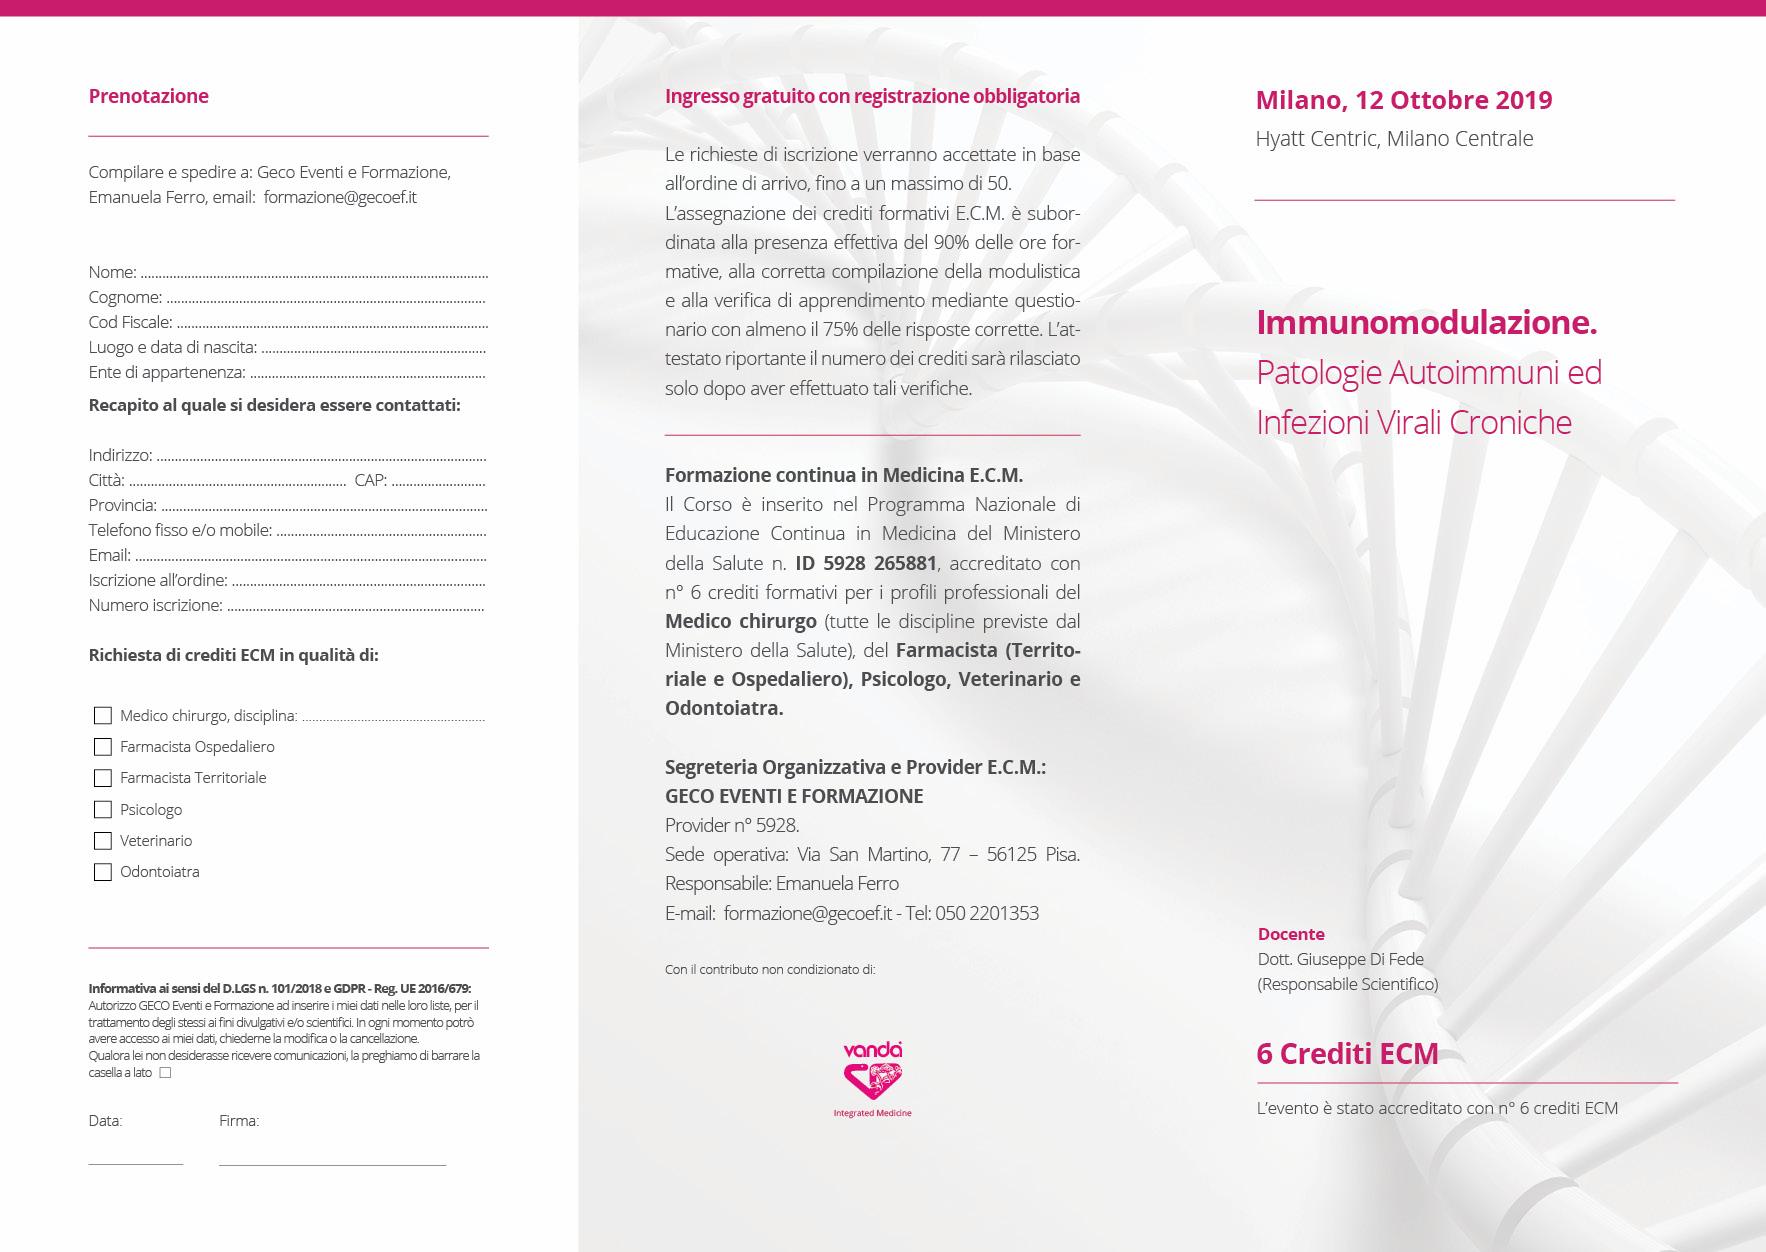 Milano, 12 Ottobre 2019: Immunomodulazione Patologie